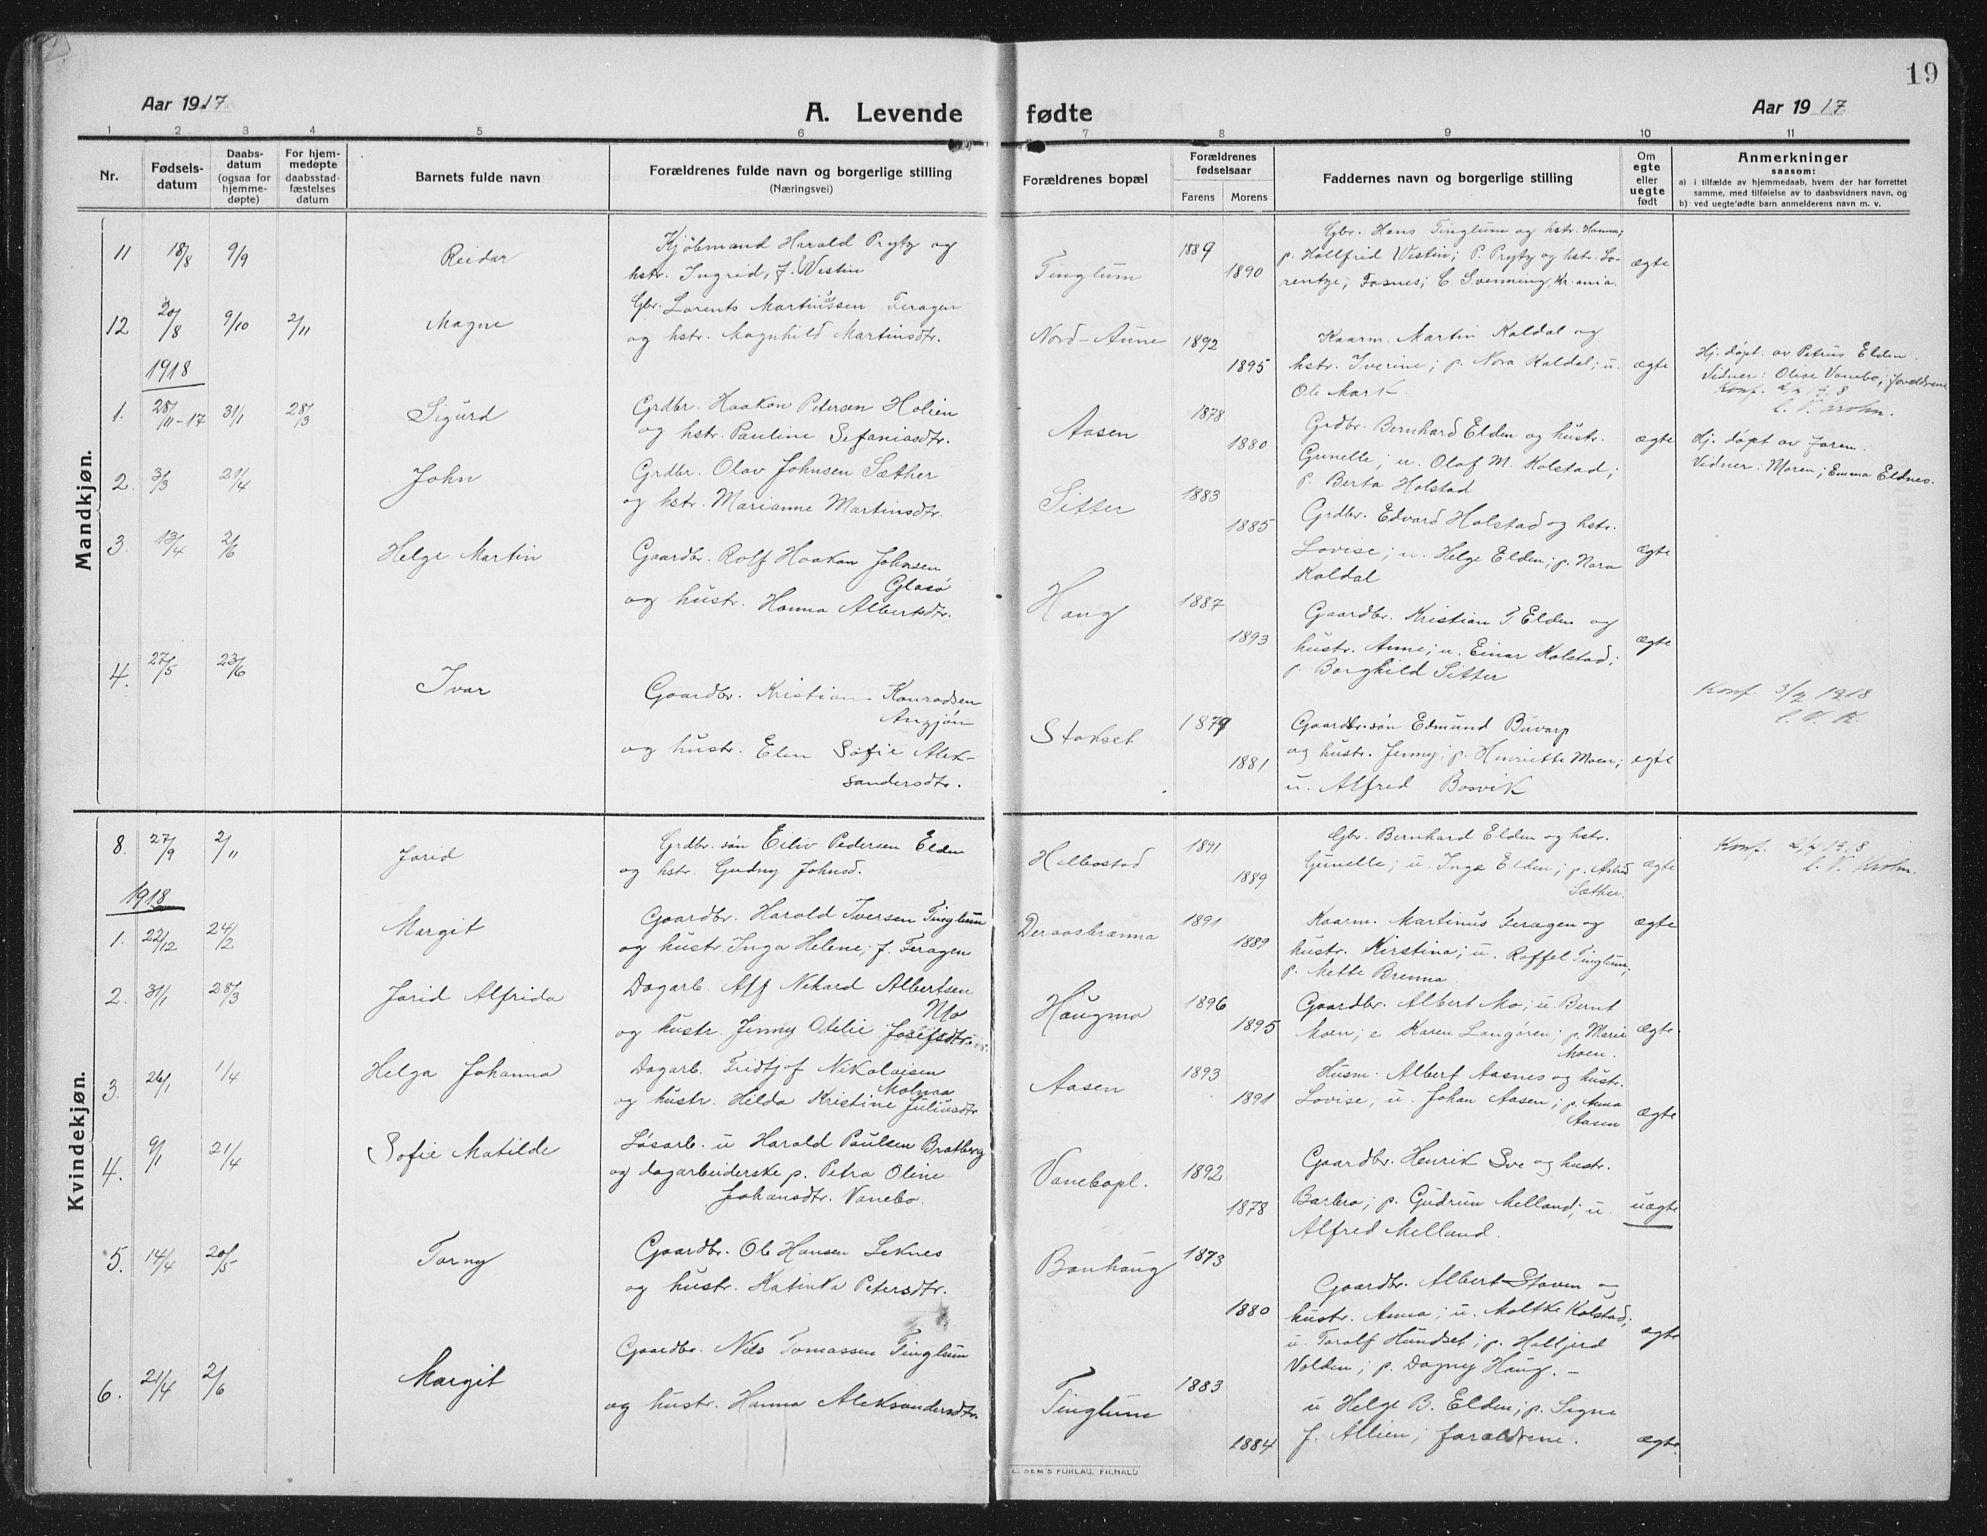 SAT, Ministerialprotokoller, klokkerbøker og fødselsregistre - Nord-Trøndelag, 742/L0413: Klokkerbok nr. 742C04, 1911-1938, s. 19